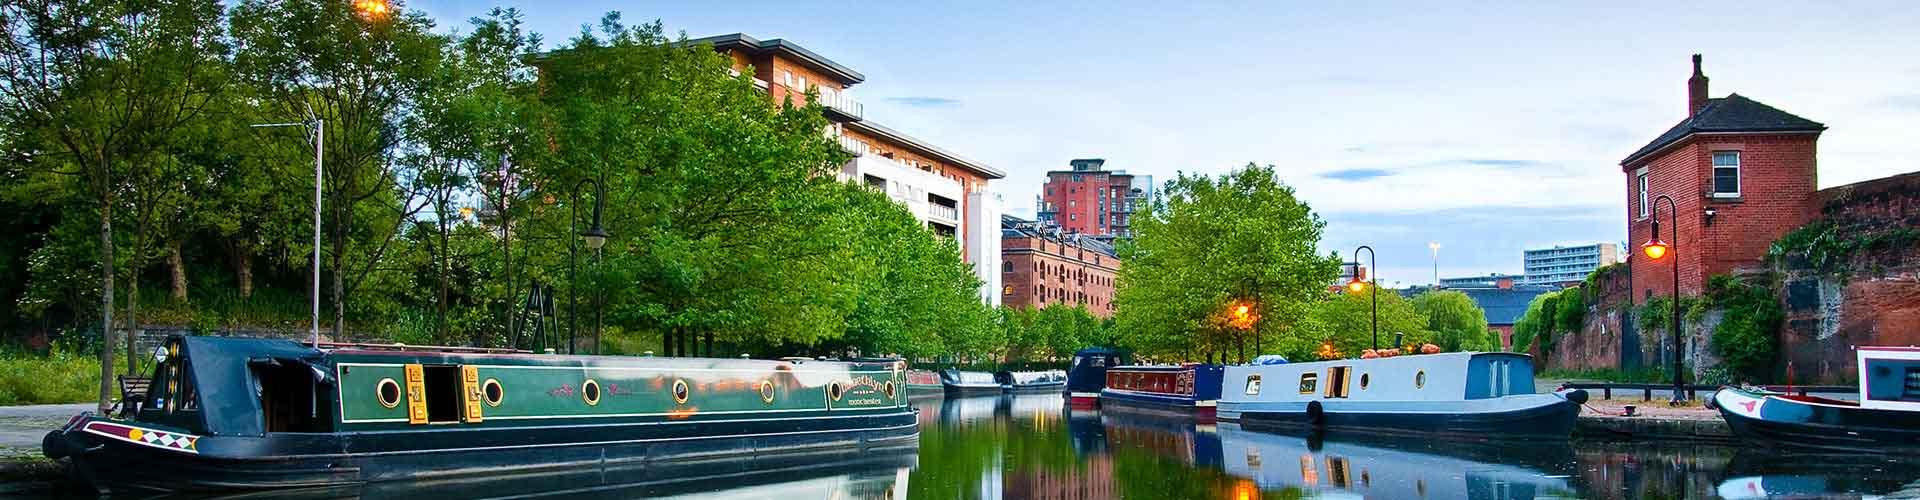 Manchester - Hostales en Manchester. Mapas de Manchester, Fotos y comentarios de cada Hostal en Manchester.